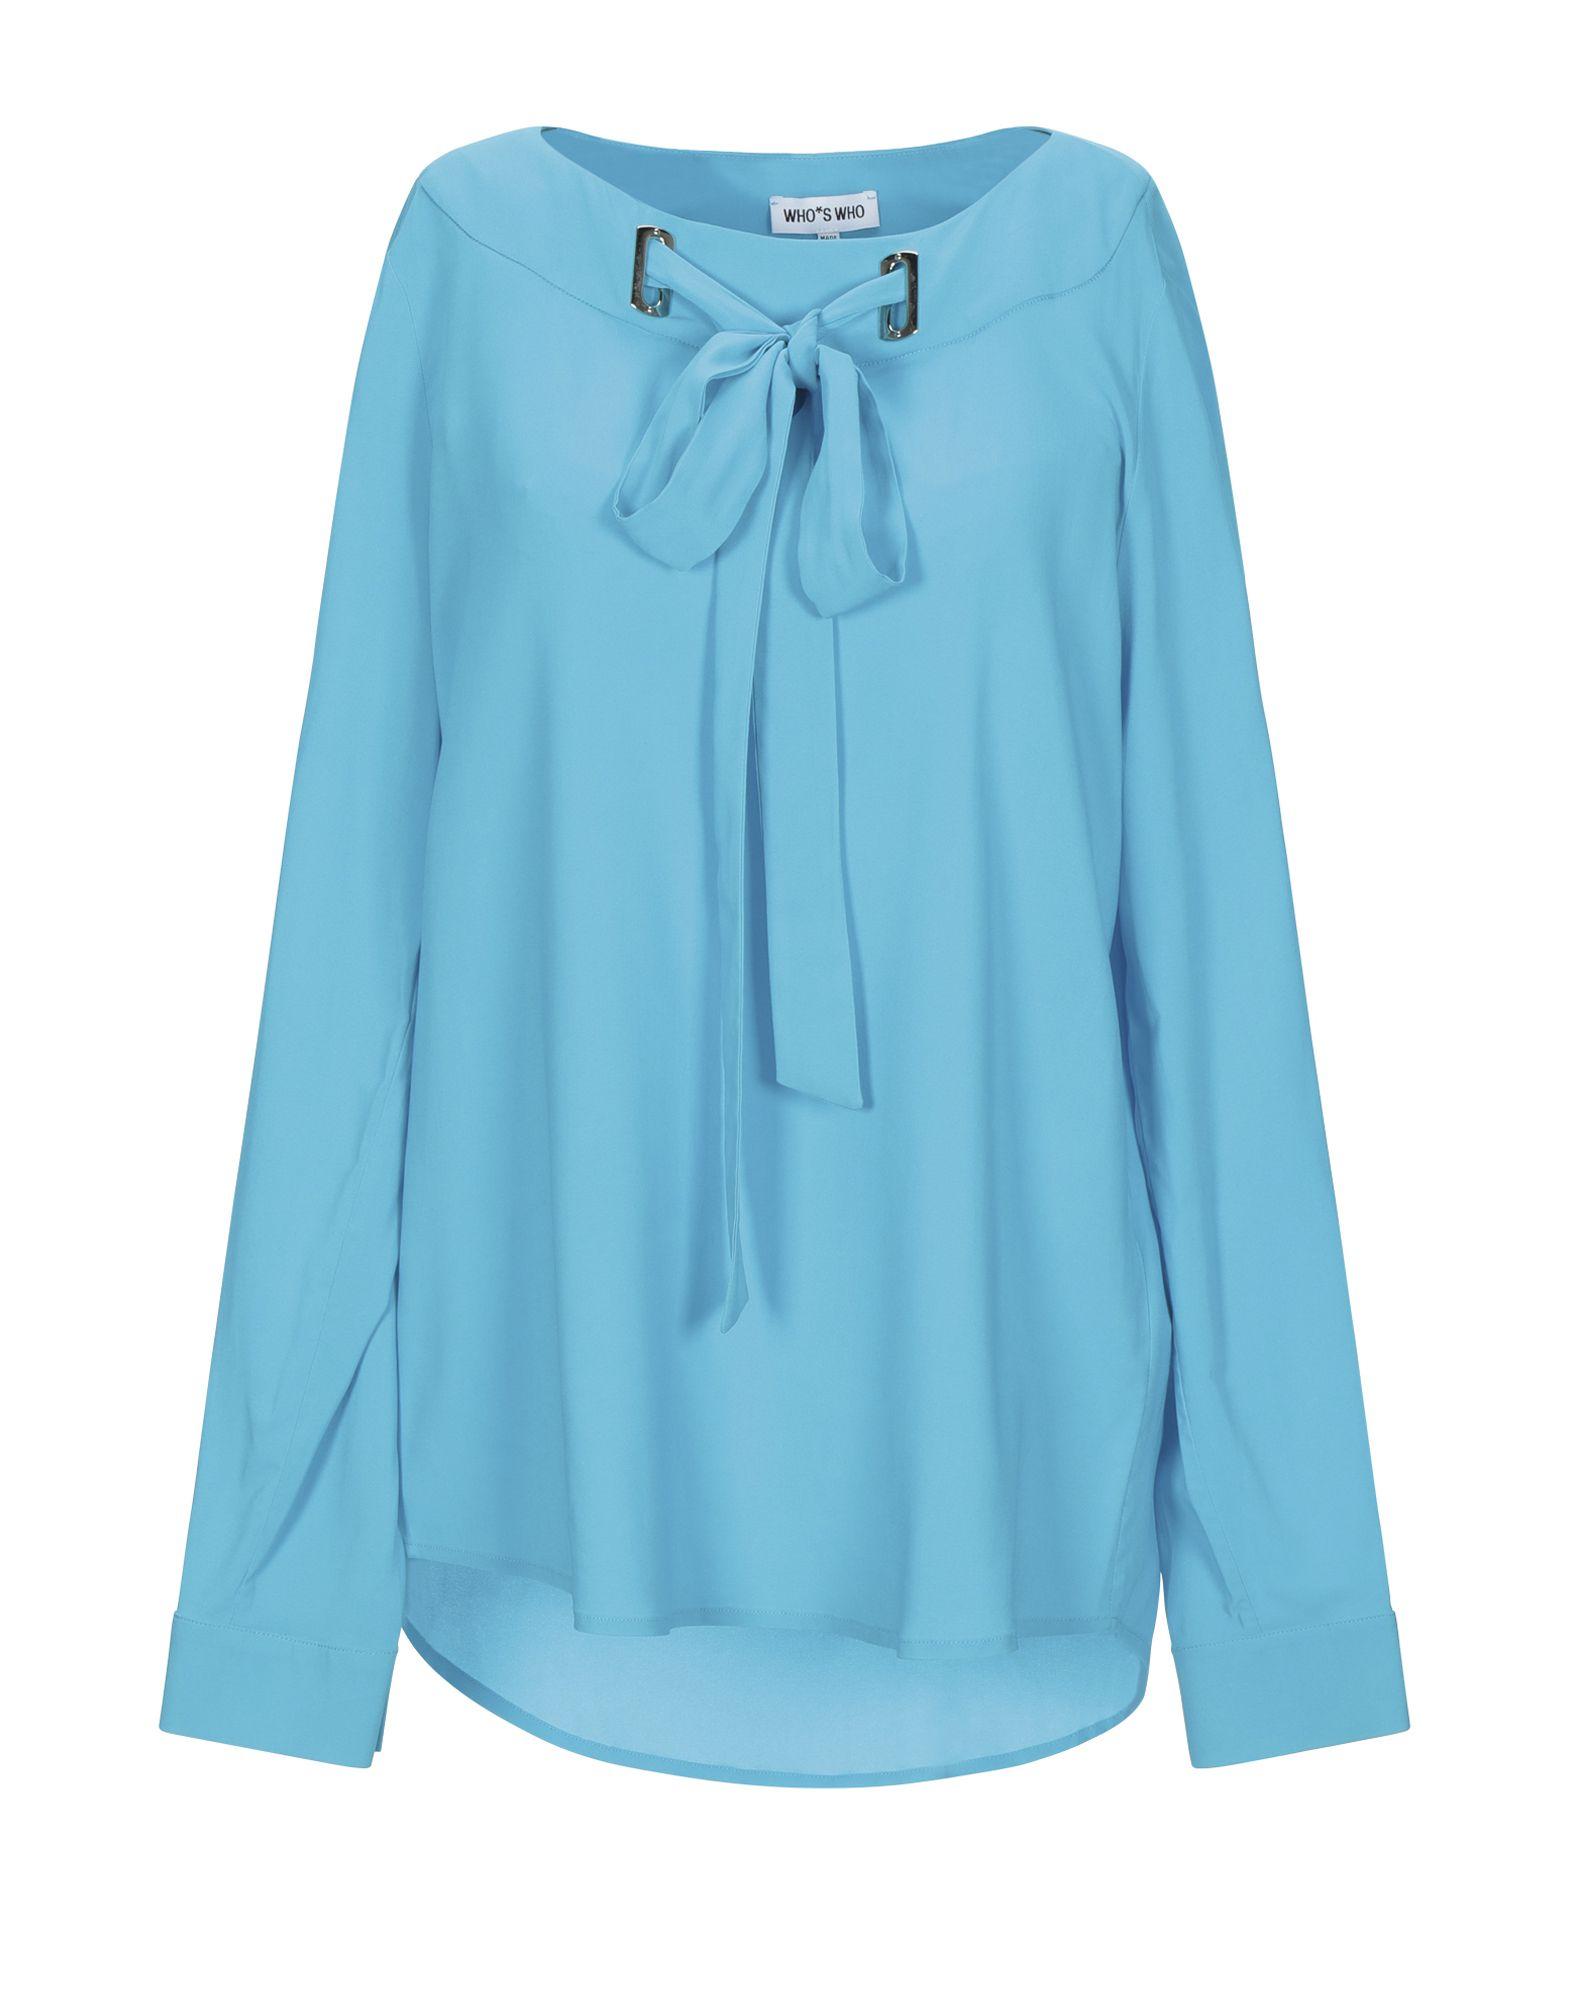 Фото - WHO*S WHO Блузка henry cotton s блузка